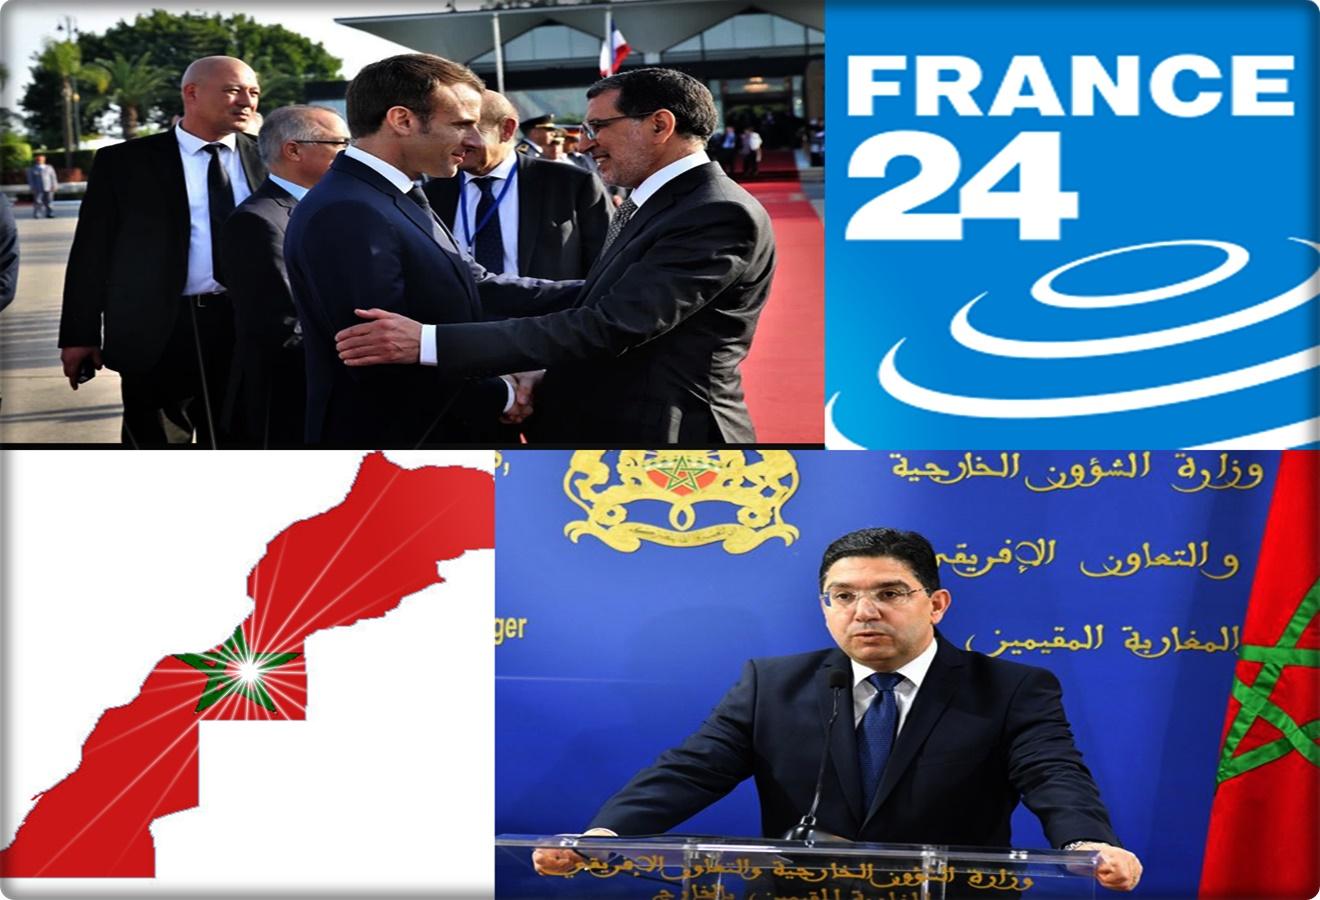 فرانس 24 و الحربائية السياسية ..!  بقلم : عبد القادر العفسي